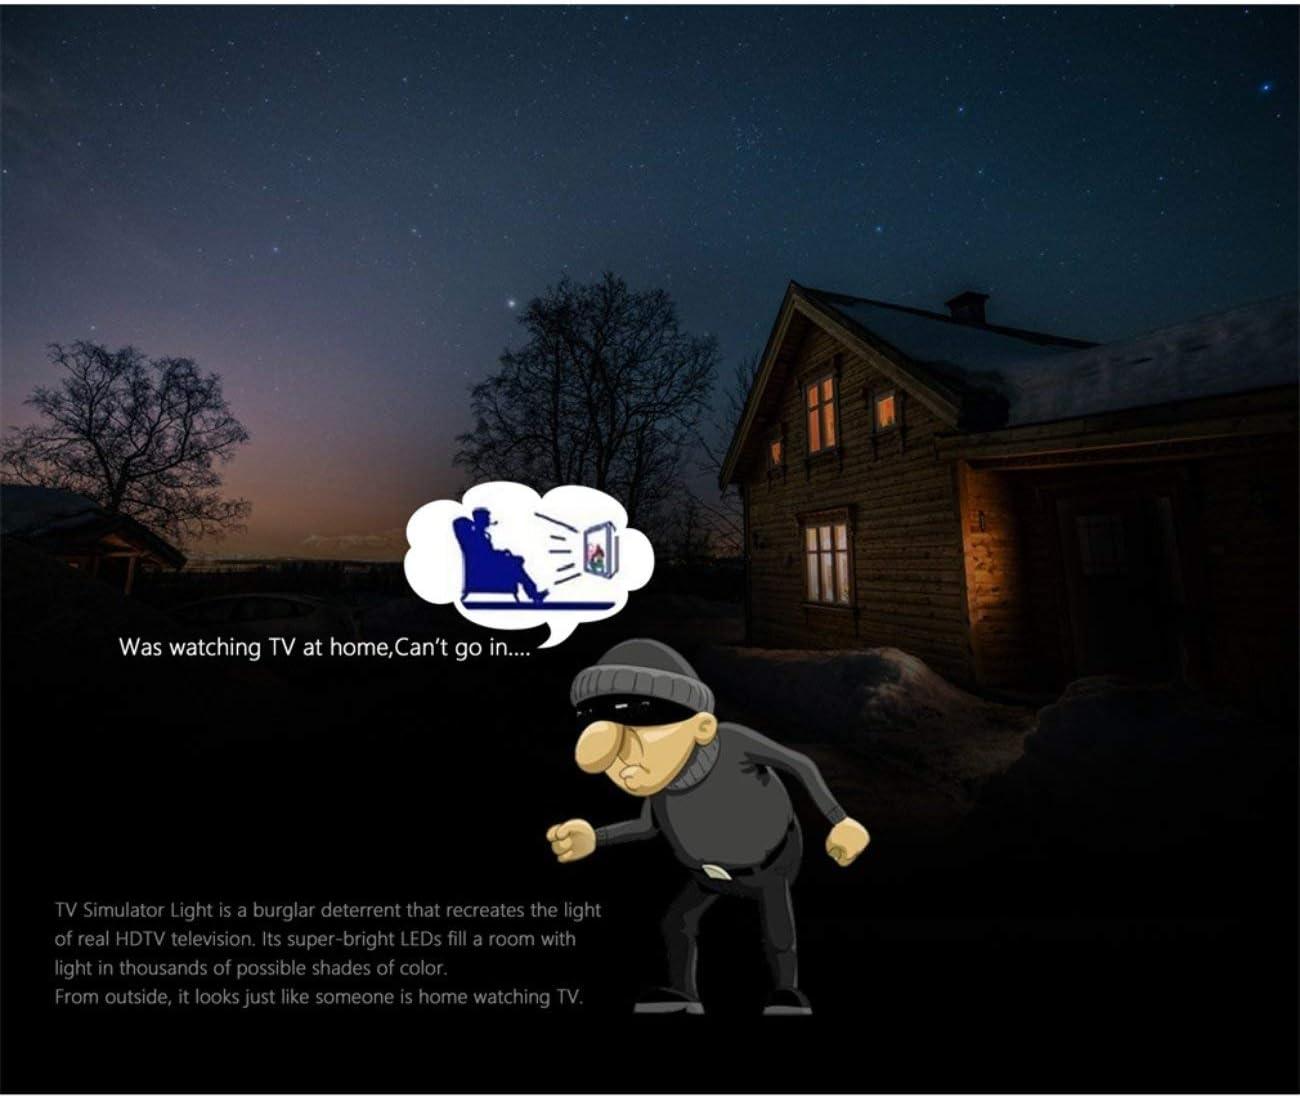 La luz del simulador de TV Disuasor de Intrusos antirrobo Brillante simula un Dispositivo de prevención de Ladrones LCD/HDTV de 40 Pulgadas por Dropcessories: Amazon.es: Bricolaje y herramientas